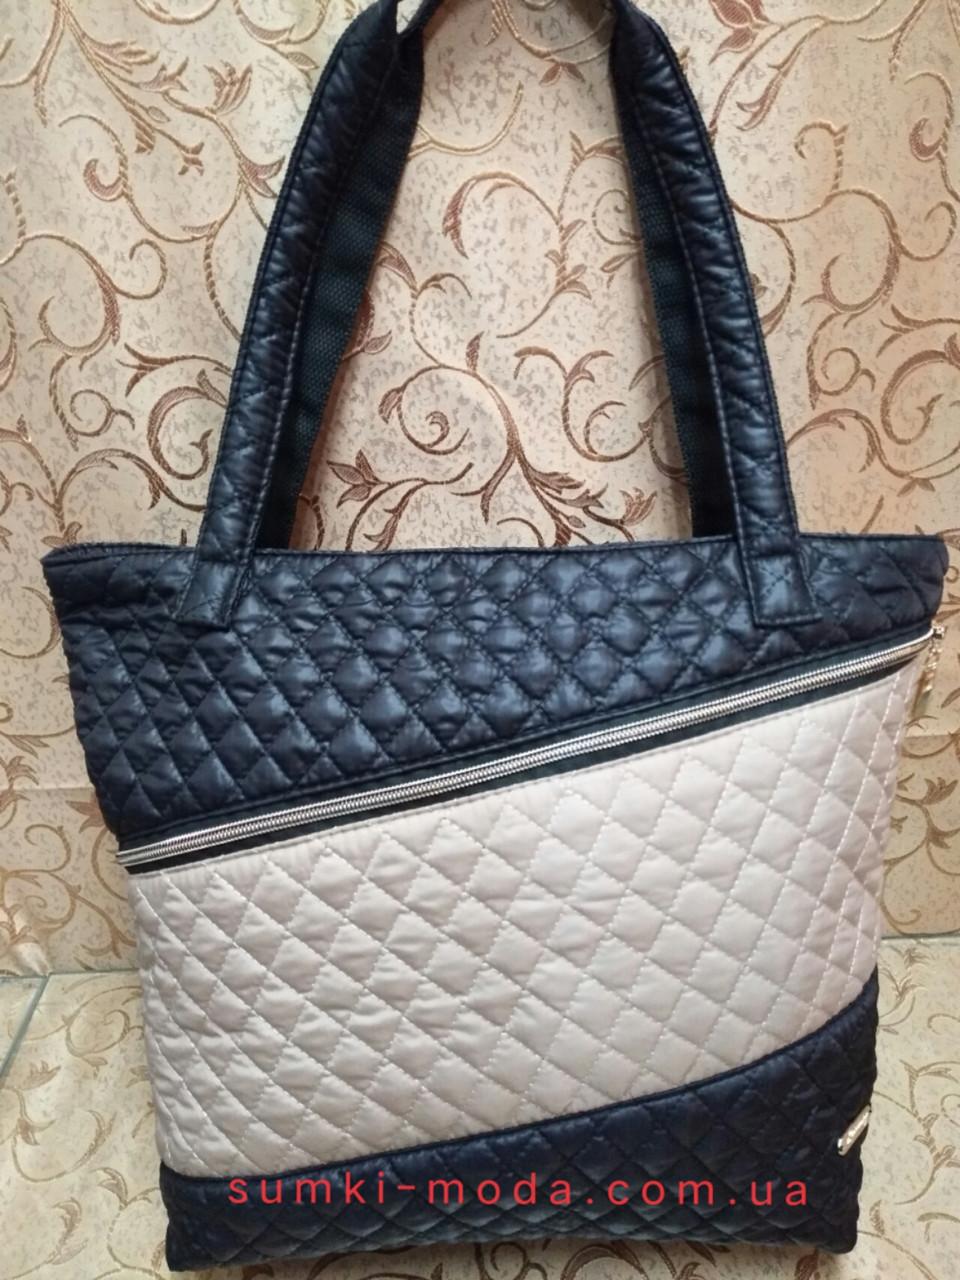 378edccaf821 Женские сумка стеганная Стильная cумкa-мода Дутая Сумка женская спортивная  только оптом